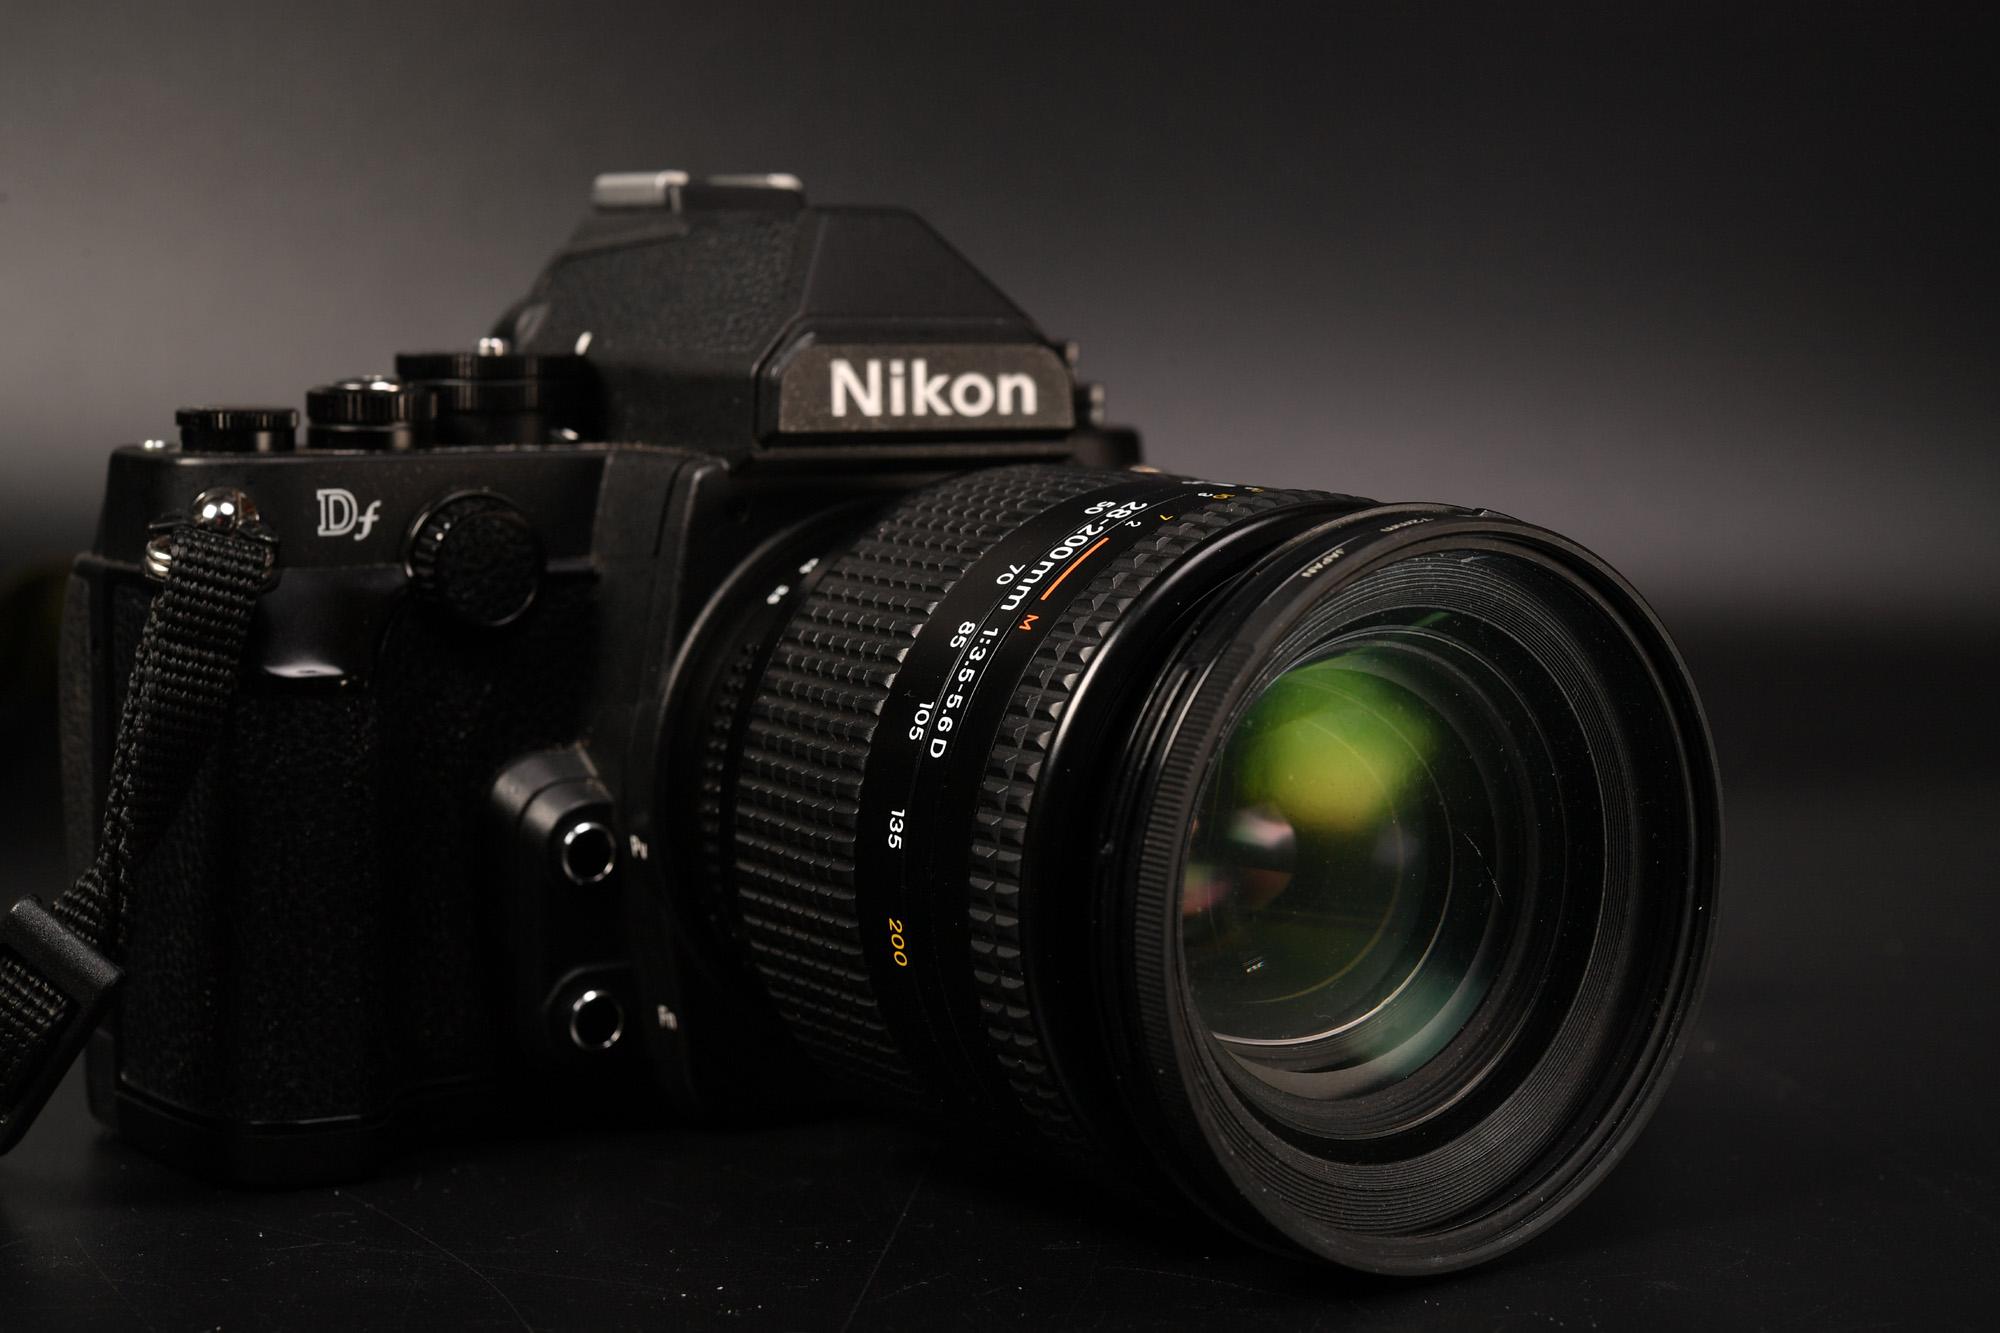 AF NIKKOR 28-200mm F3.5-5.6D 安かったのでDレンズ購入! FDで夜桜試し撮り。